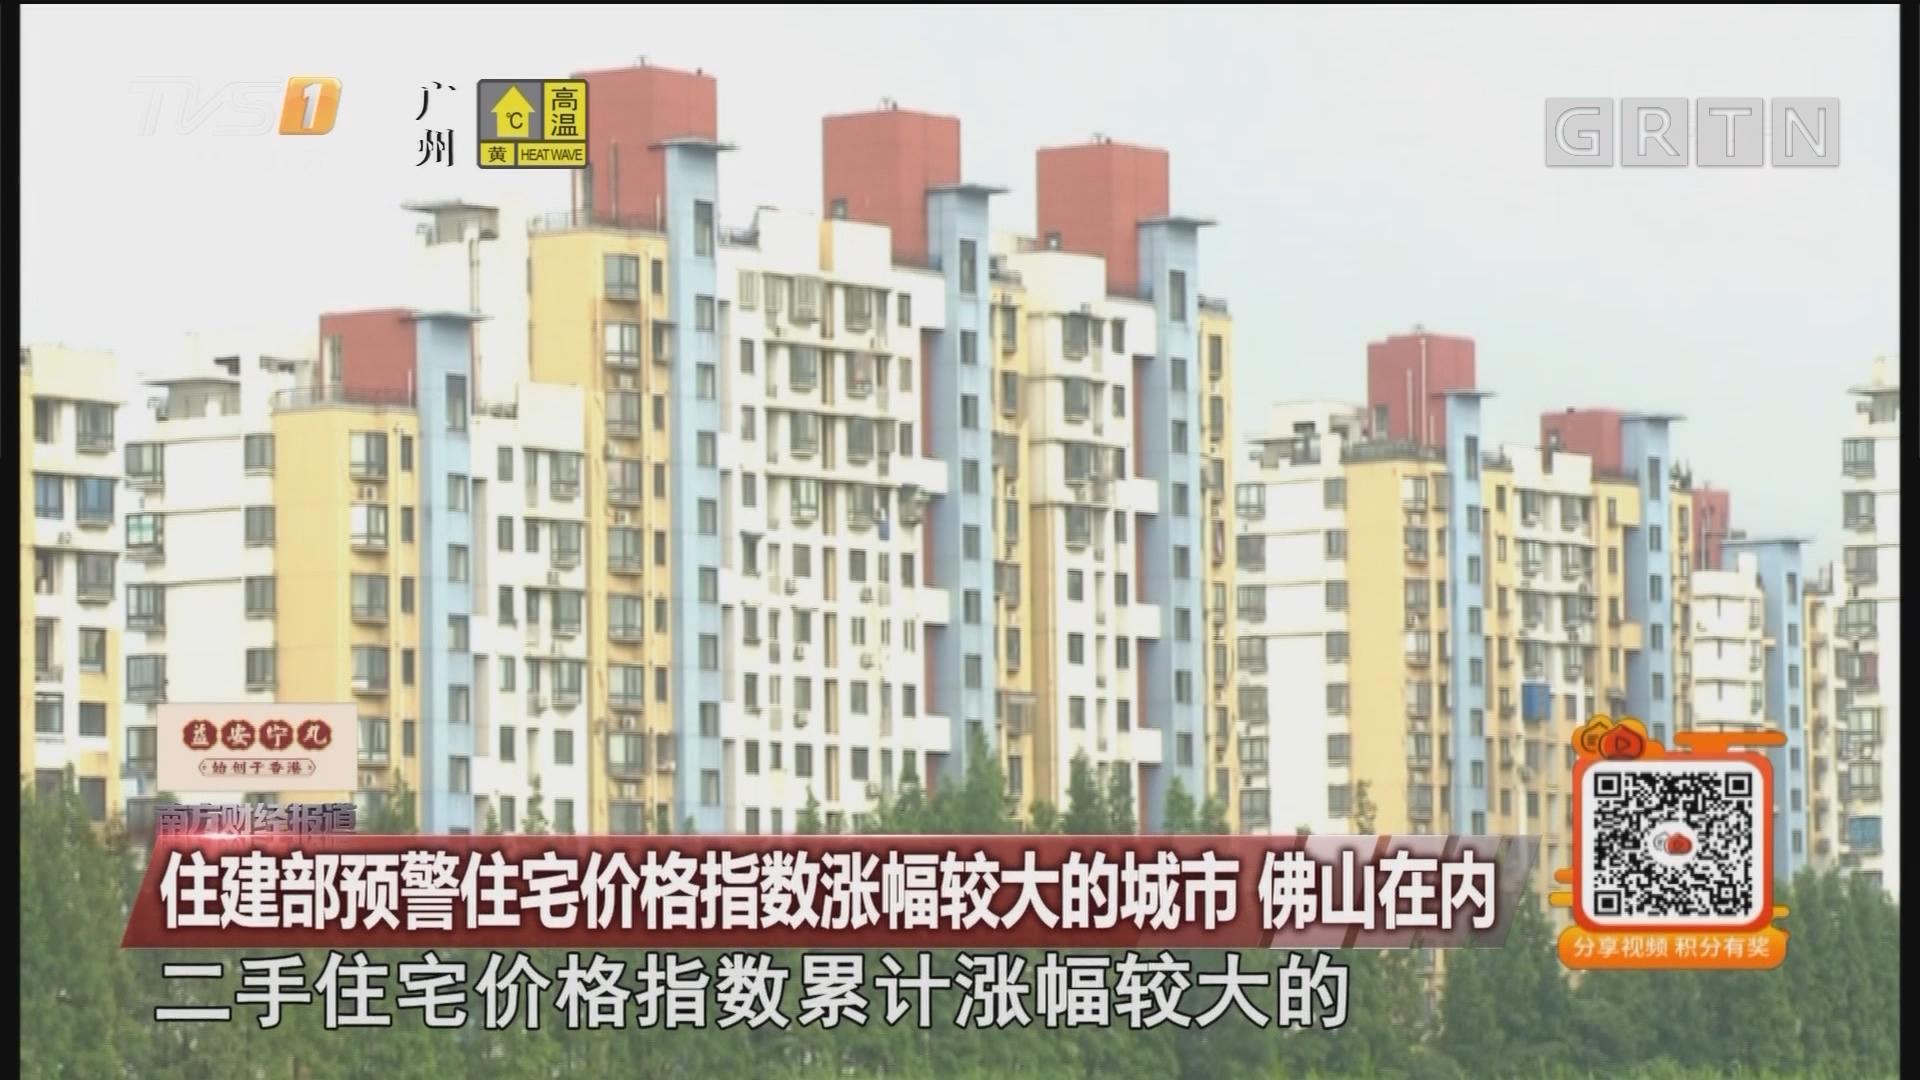 住建部预警住宅价格指数涨幅较大的城市 佛山在内